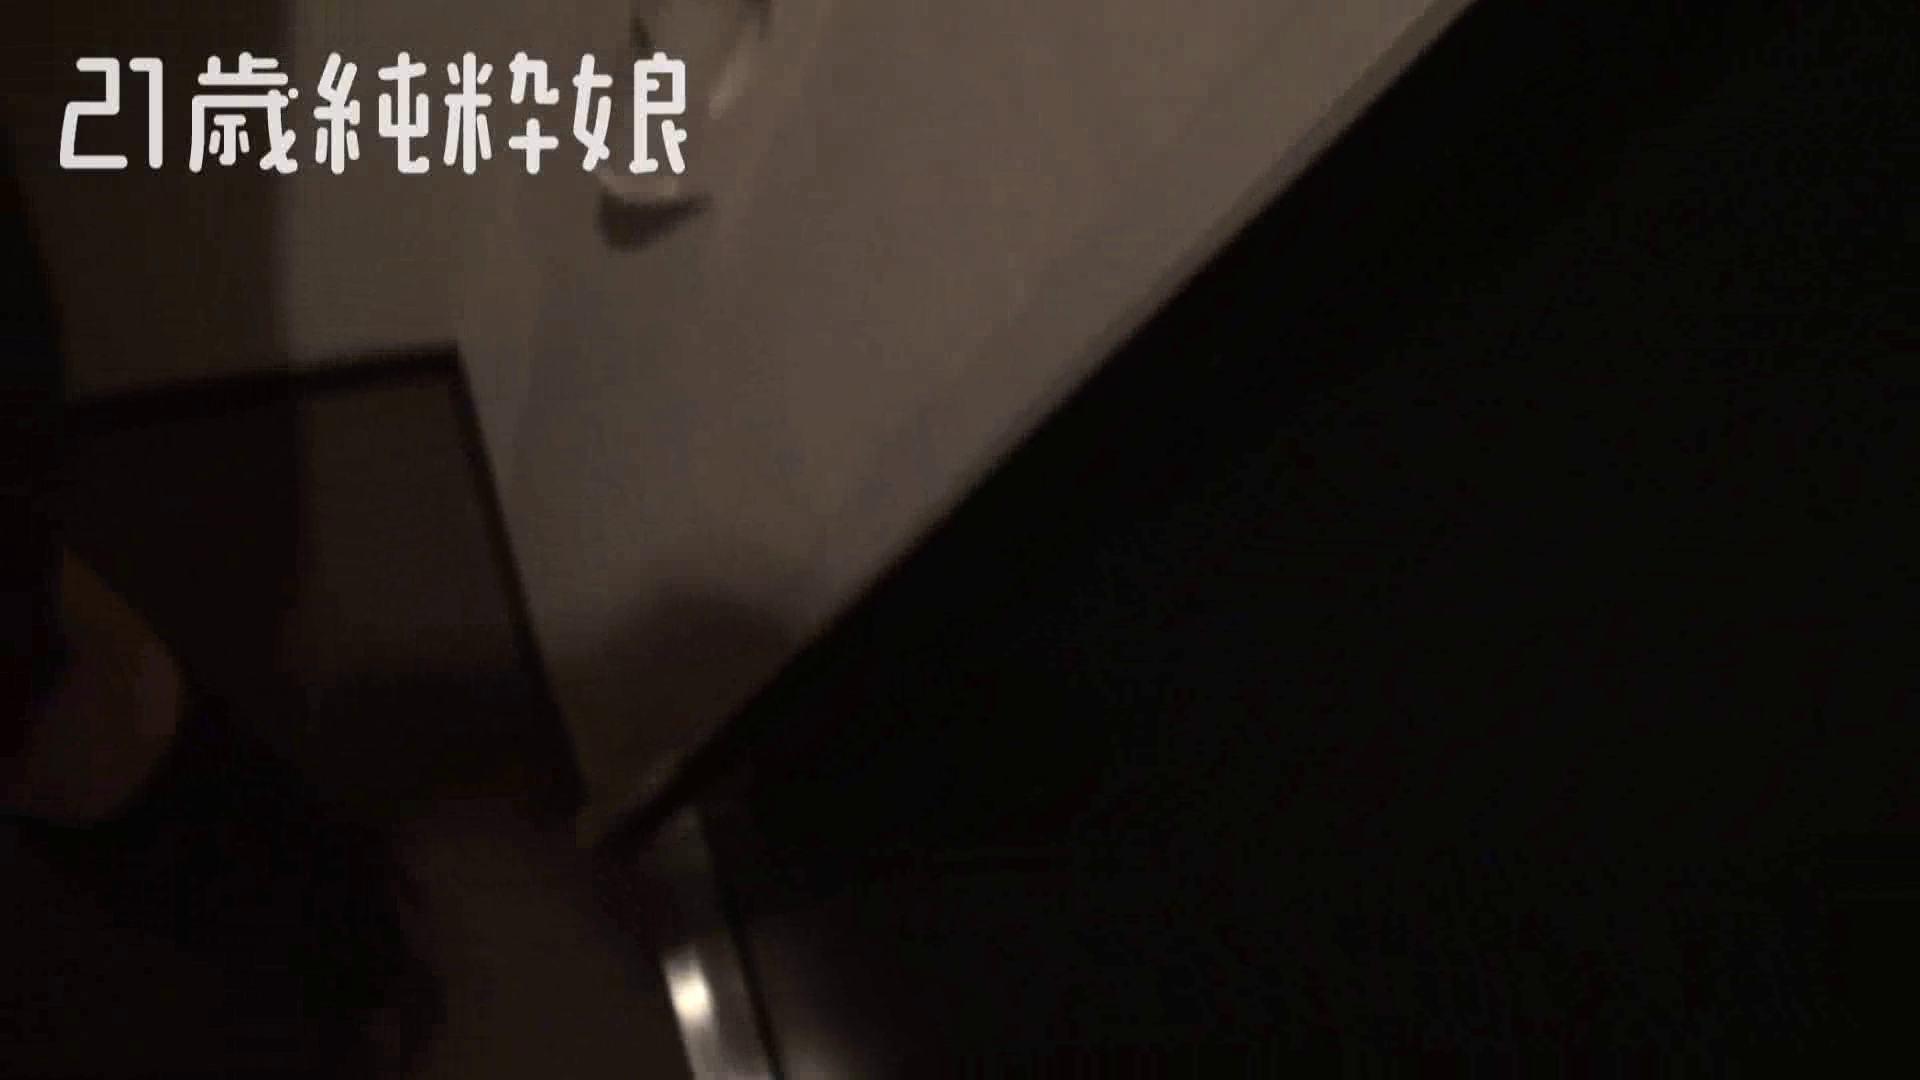 上京したばかりのGカップ21歳純粋嬢を都合の良い女にしてみた 出会い系 AV動画キャプチャ 86pic 20